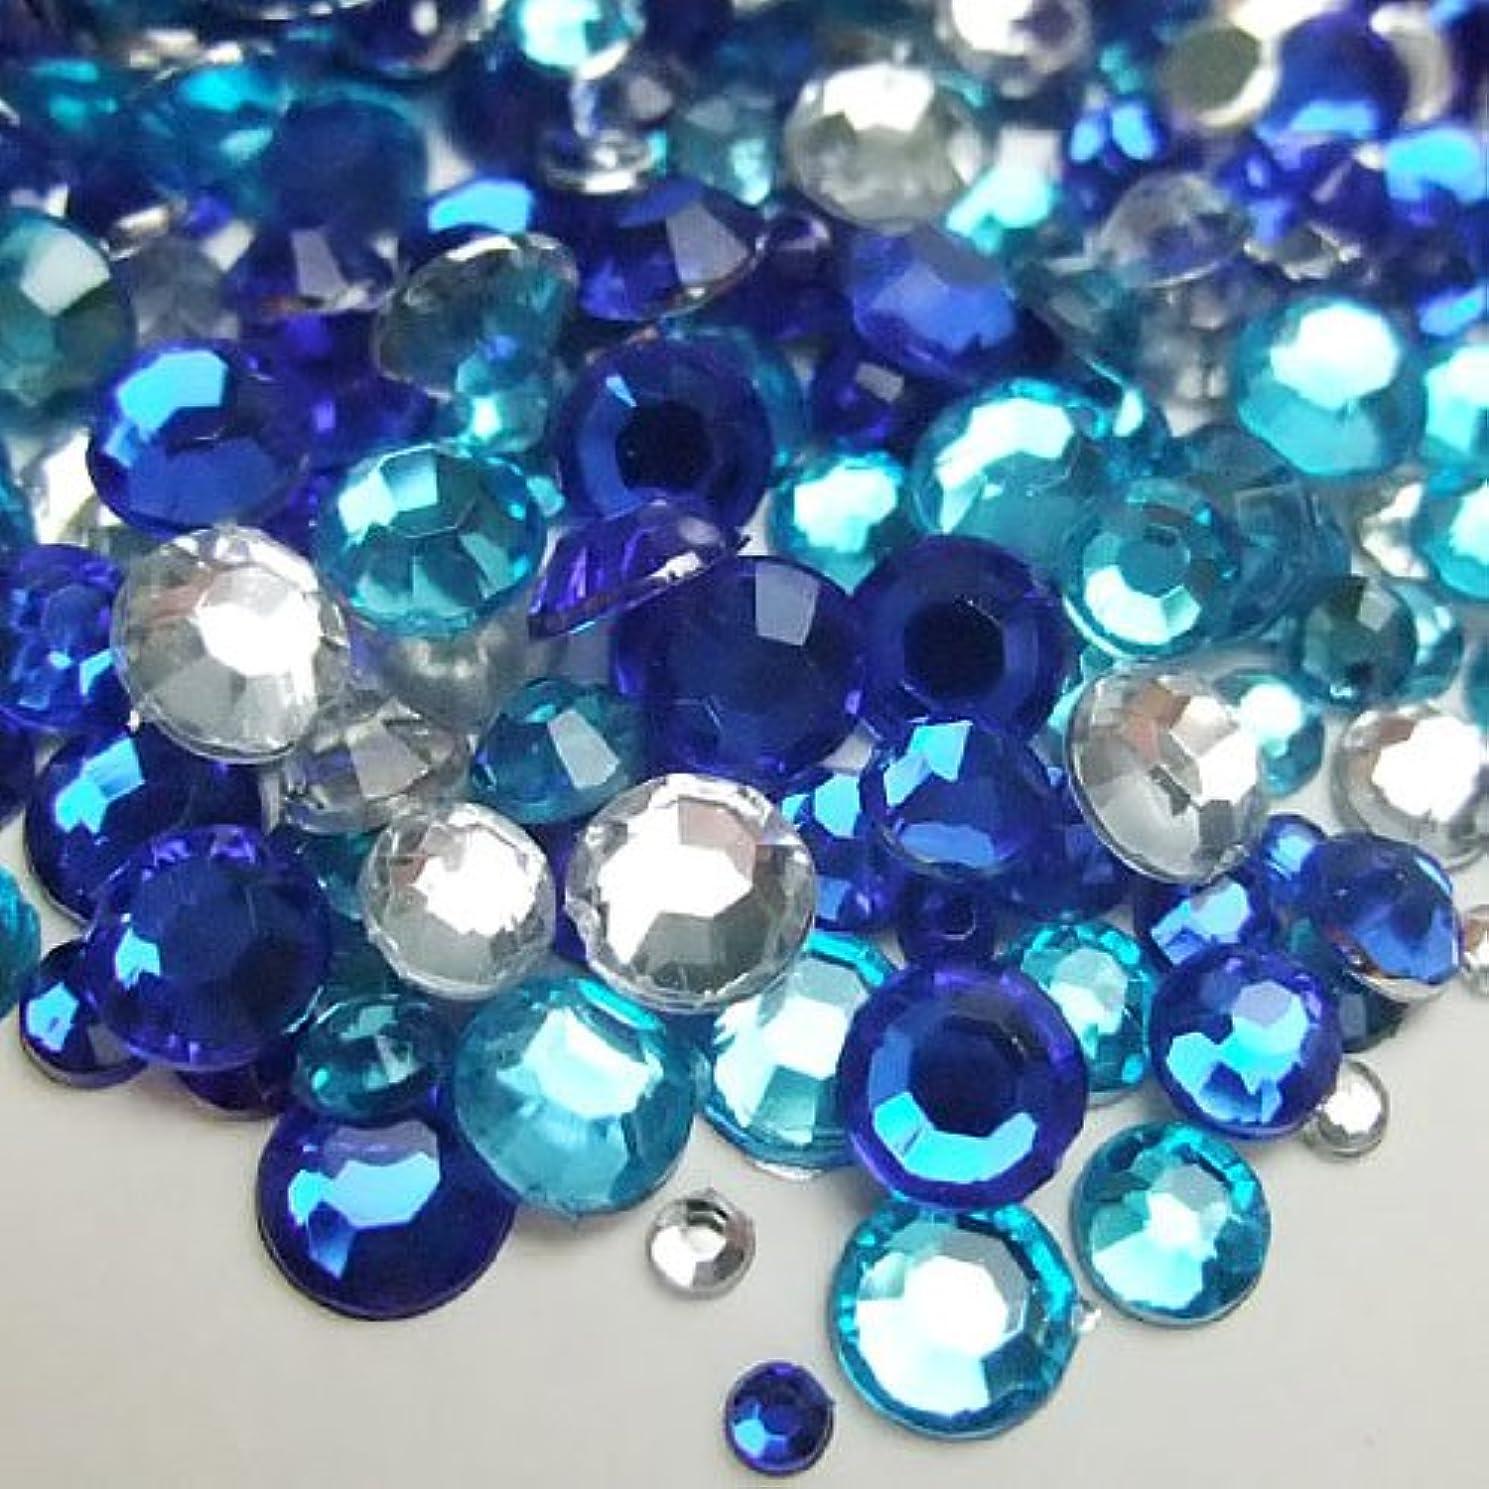 未知の気づくなる二十高品質アクリルストーン ラインストーン MIXパック 約1000粒入り ブルー系